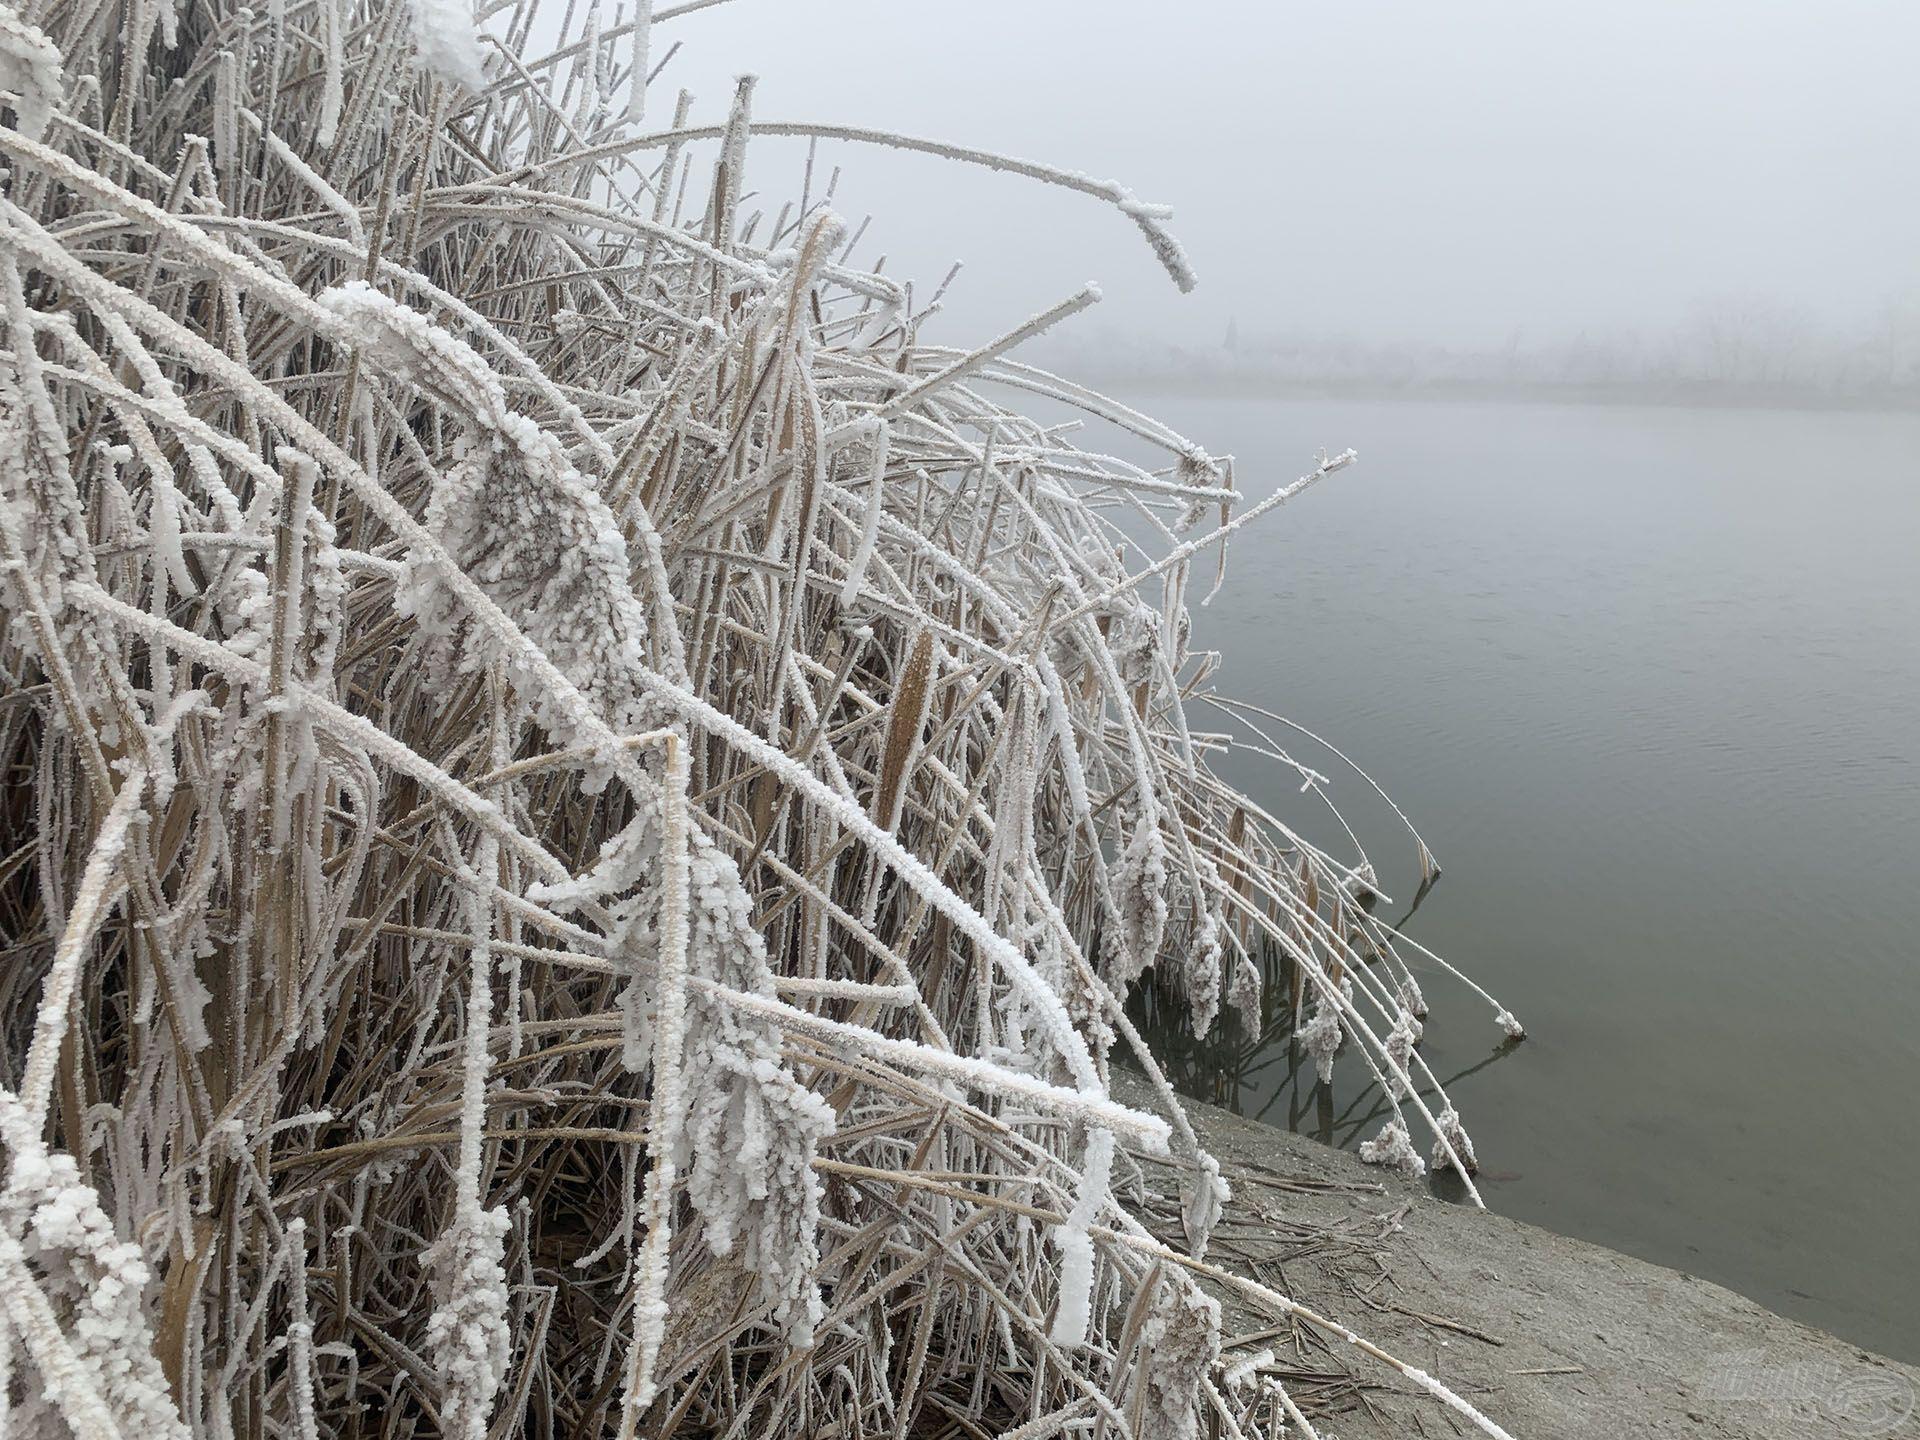 A hideg, zúzmarás időjárás sem szegte kedvét és titkon még egy nagy fogásban bizakodott